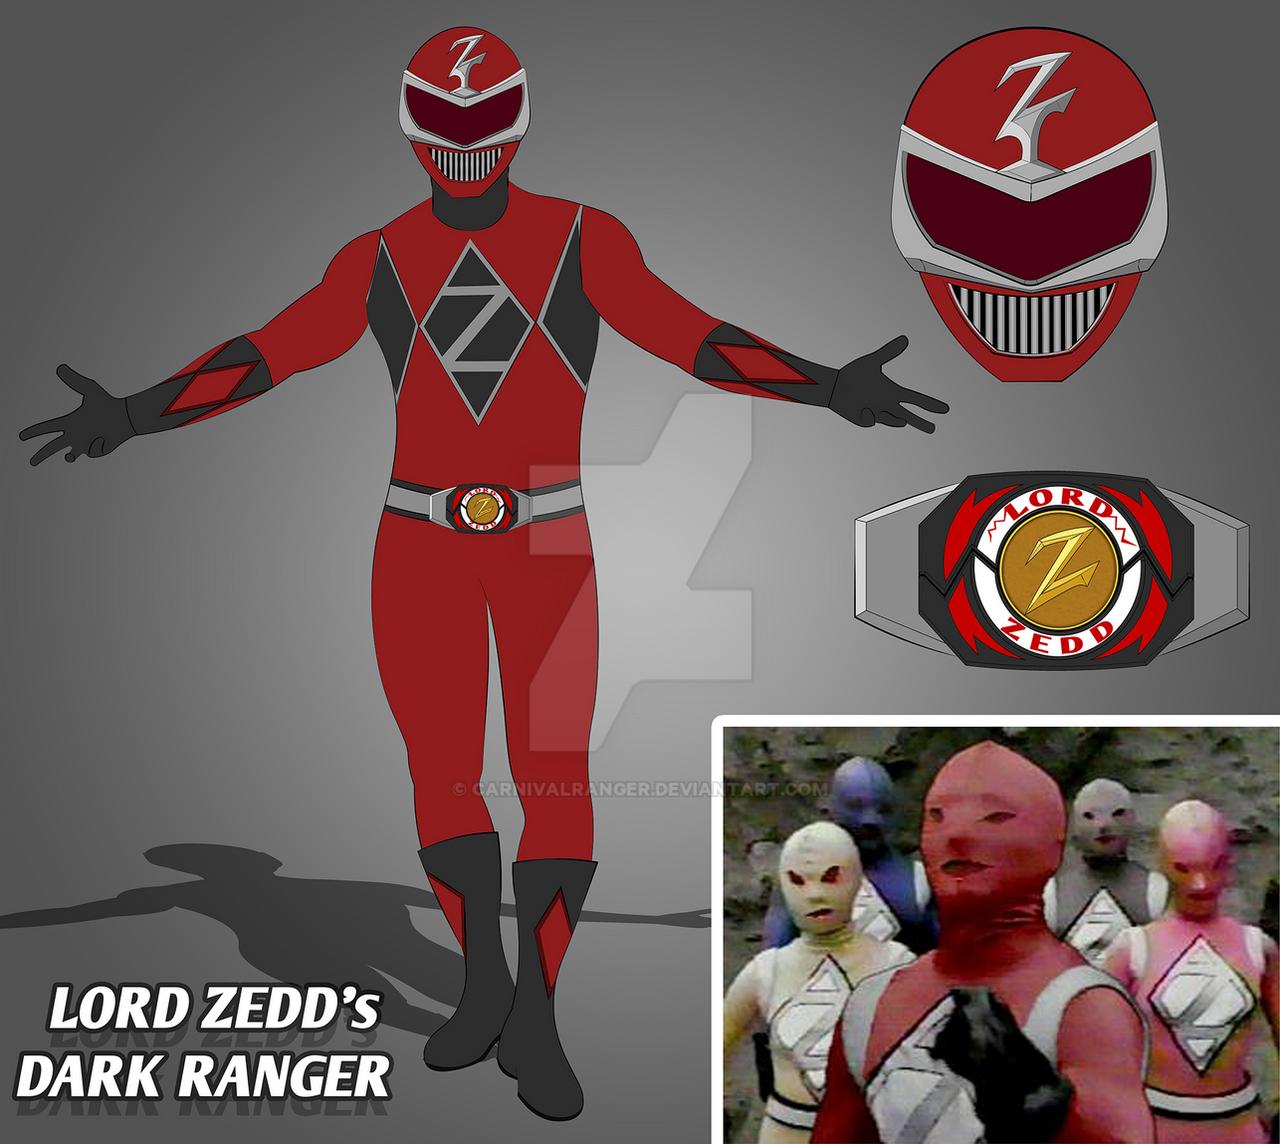 Mighty Morphin Power Rangers Wallpaper: Lord Zedd's Dark Ranger By CarnivalRanger On DeviantArt